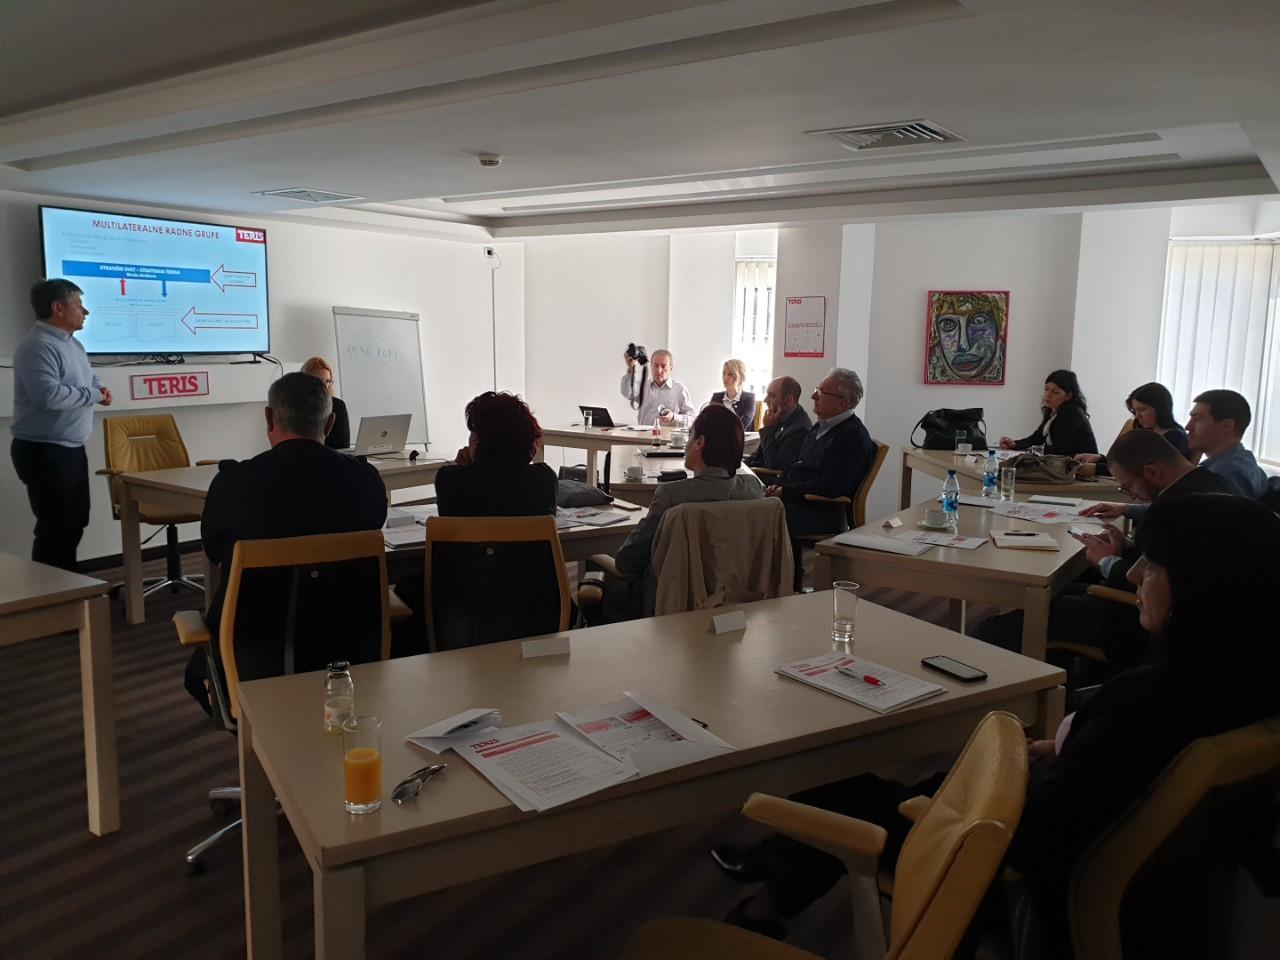 Održan prvi modul edukacije programa obuke za evropsku teritorijalnu saradnju